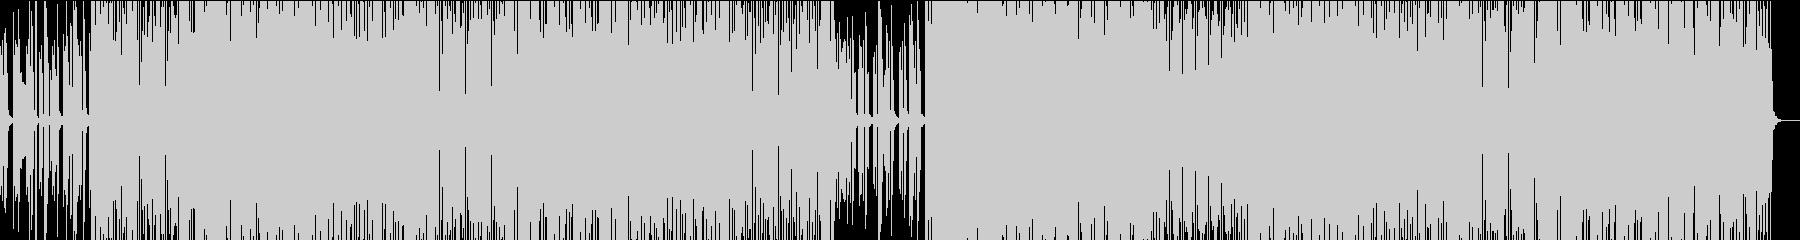 オシャレで華やか!都会的なBGMの未再生の波形